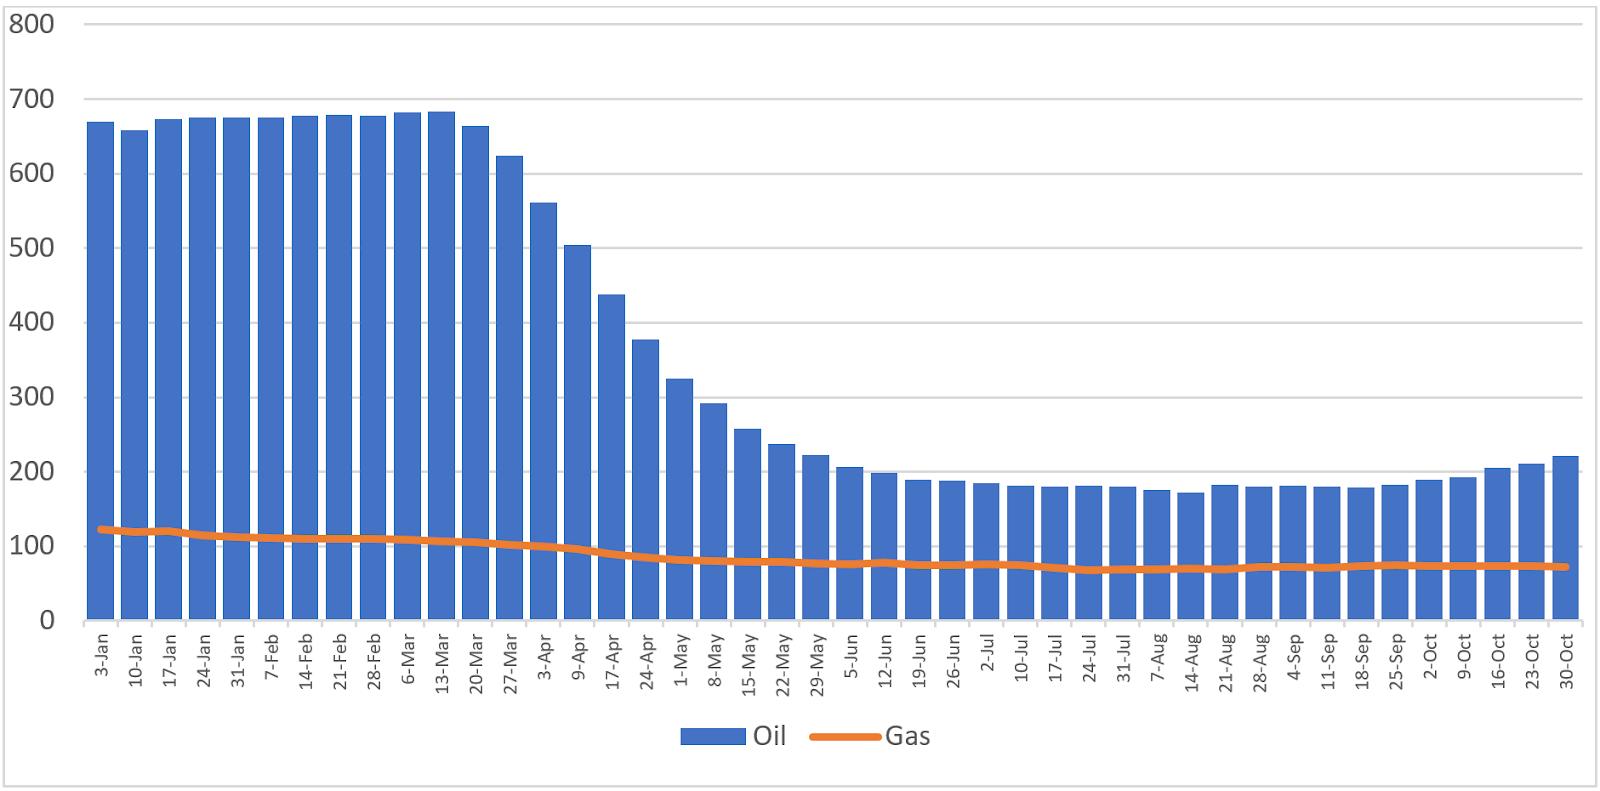 Số lượng giàn khoan dầu tại Mỹ liên tục tăng